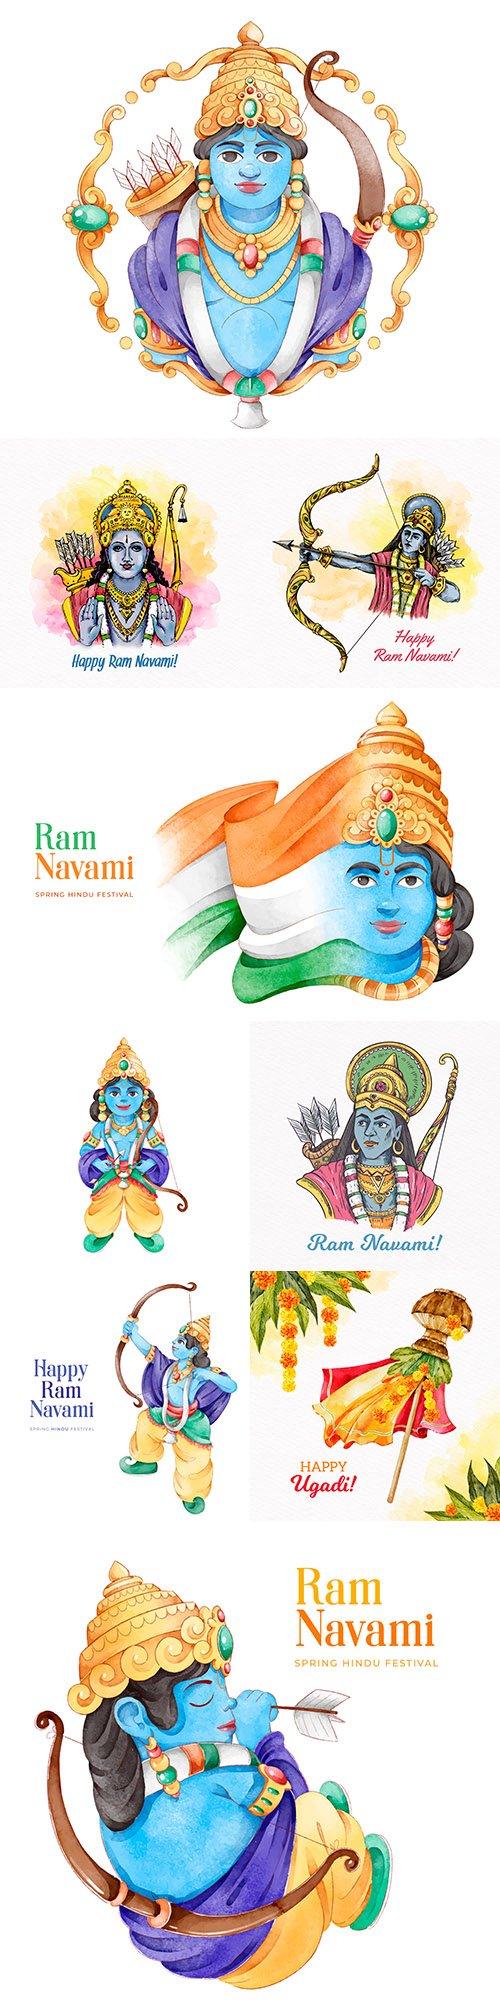 Ram Navami festival in flat watercolor design